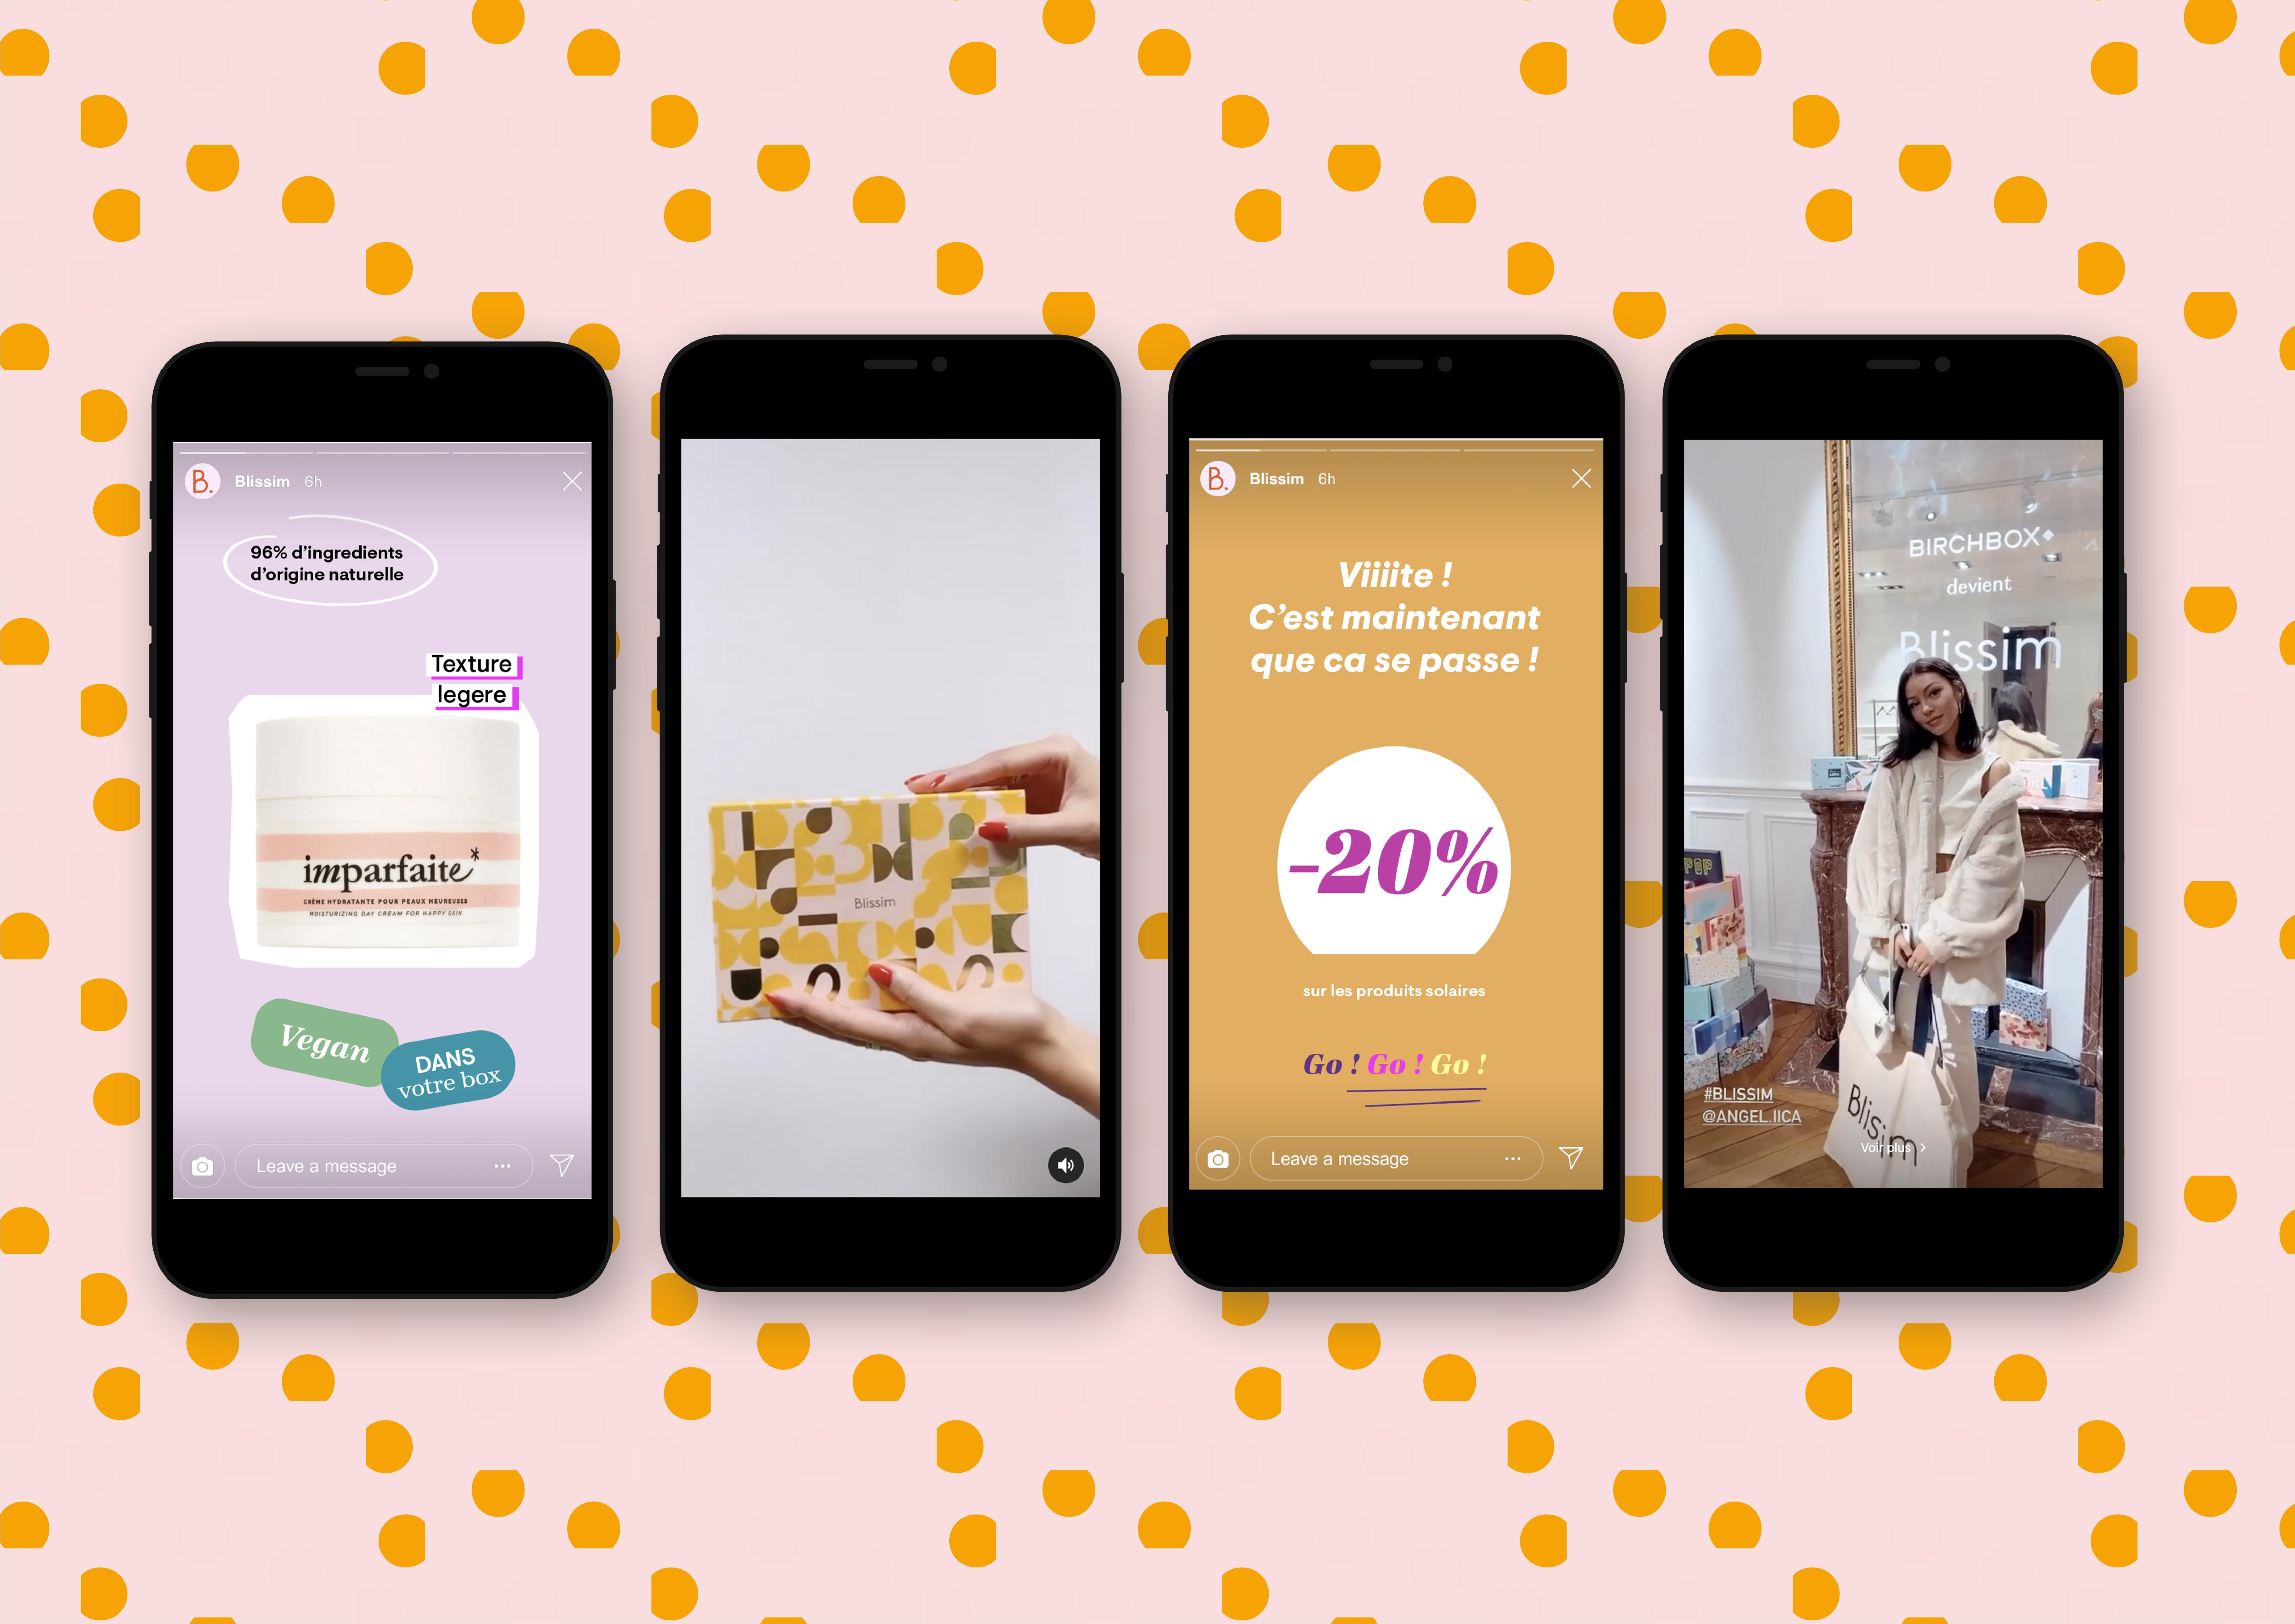 nouvelle identité visuelle birchbox devient blissim story instagram